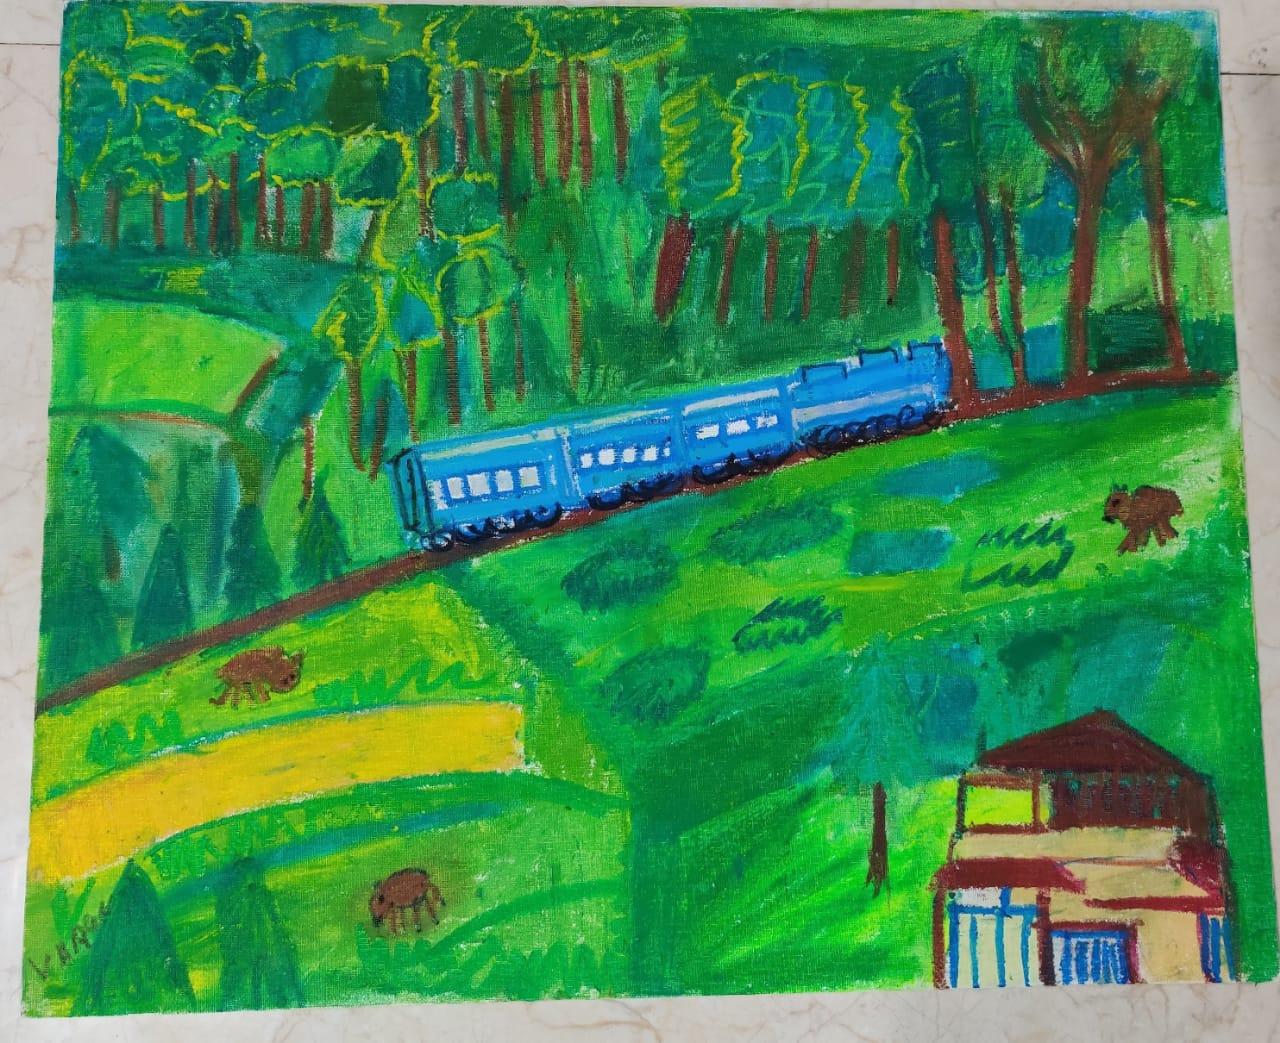 Ooty in heritage train Slider 1/1